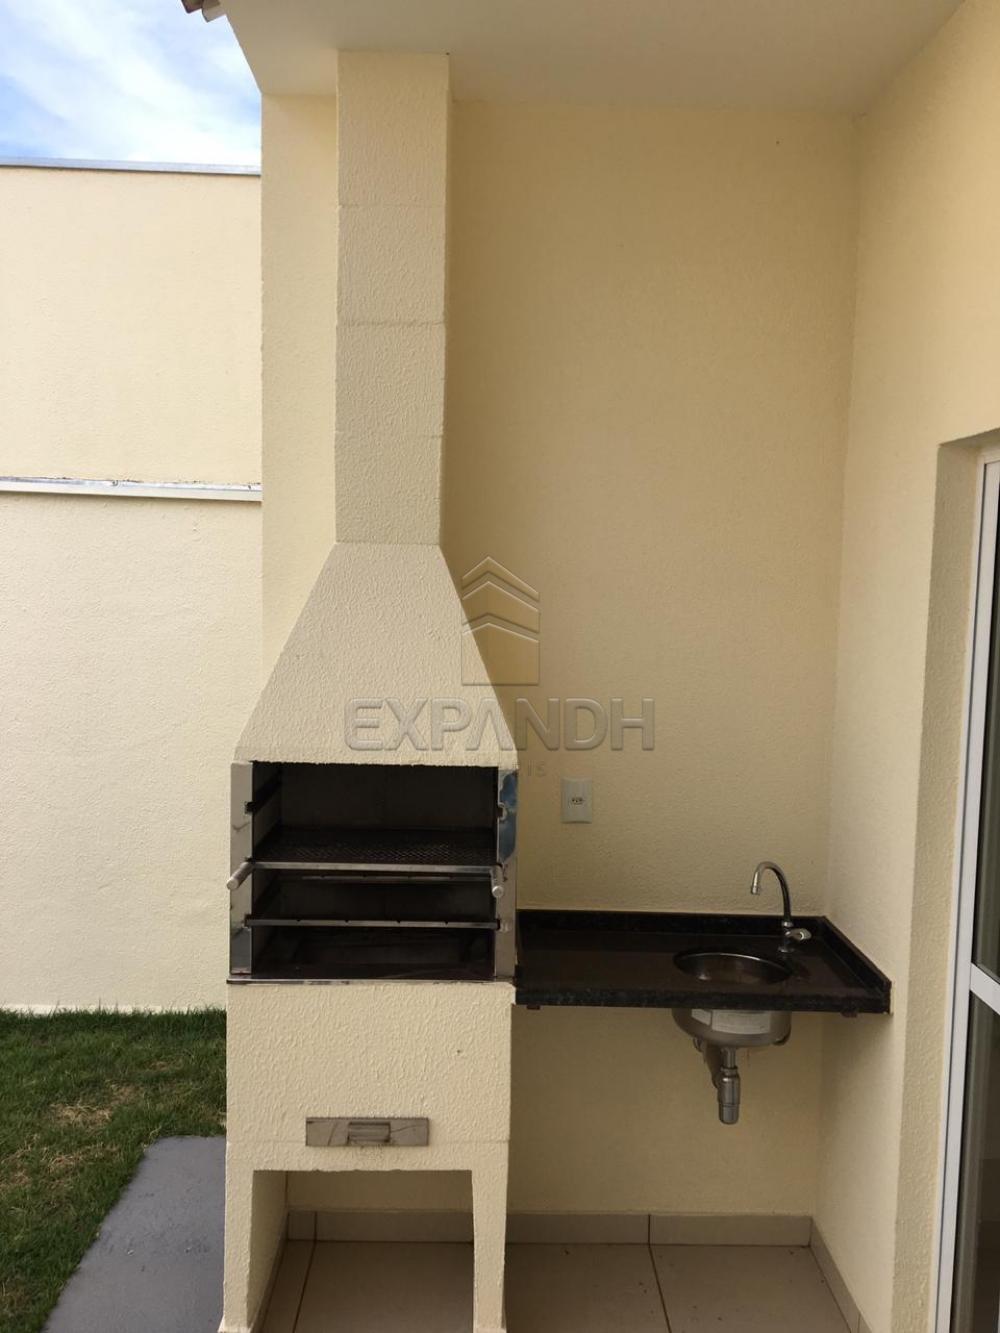 Alugar Casas / Condomínio em Sertãozinho R$ 1.200,00 - Foto 18